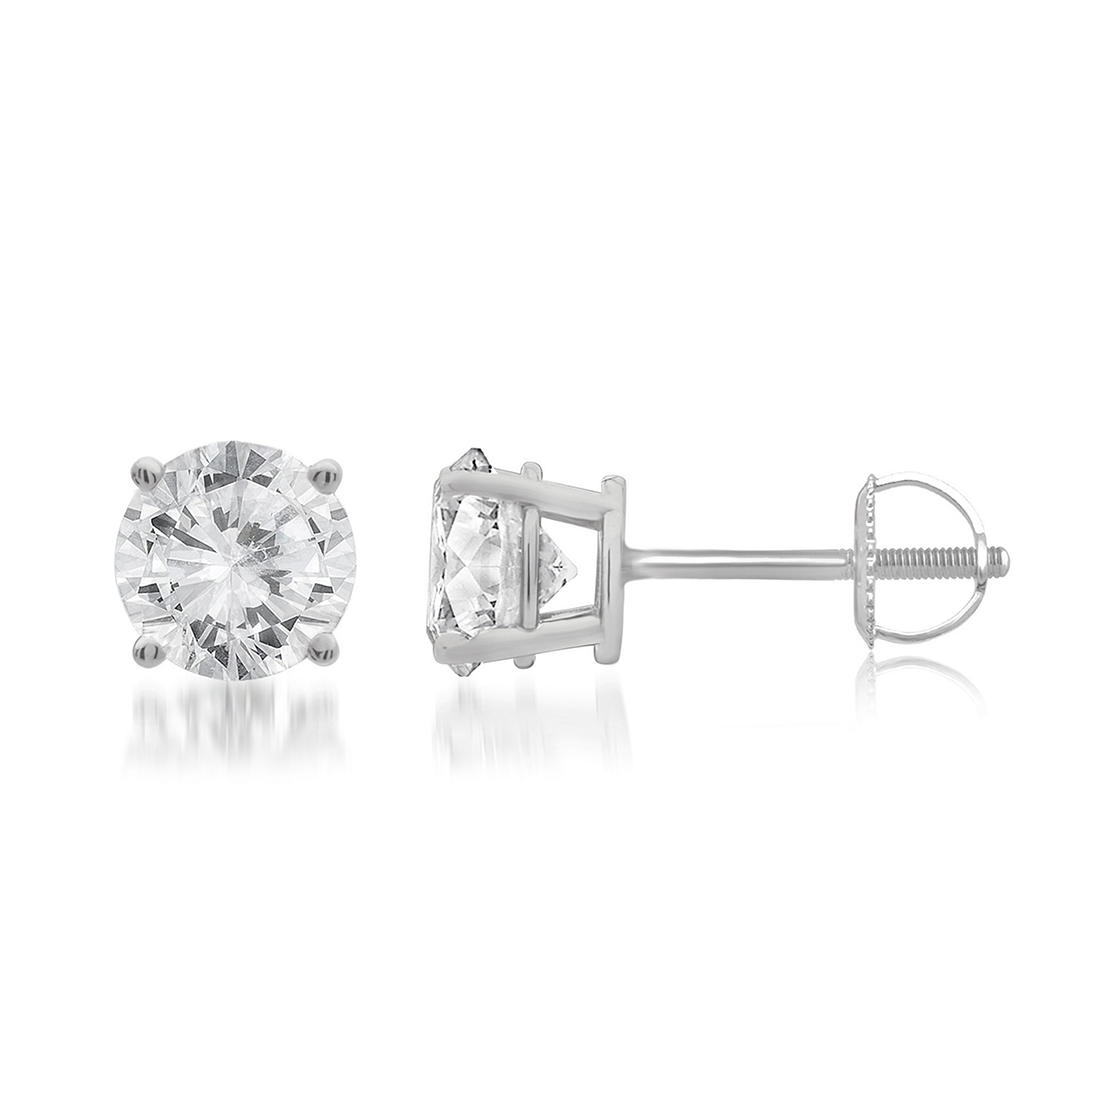 75 Ct T W Round Cut Diamond Stud Earrings In 14k White Gold